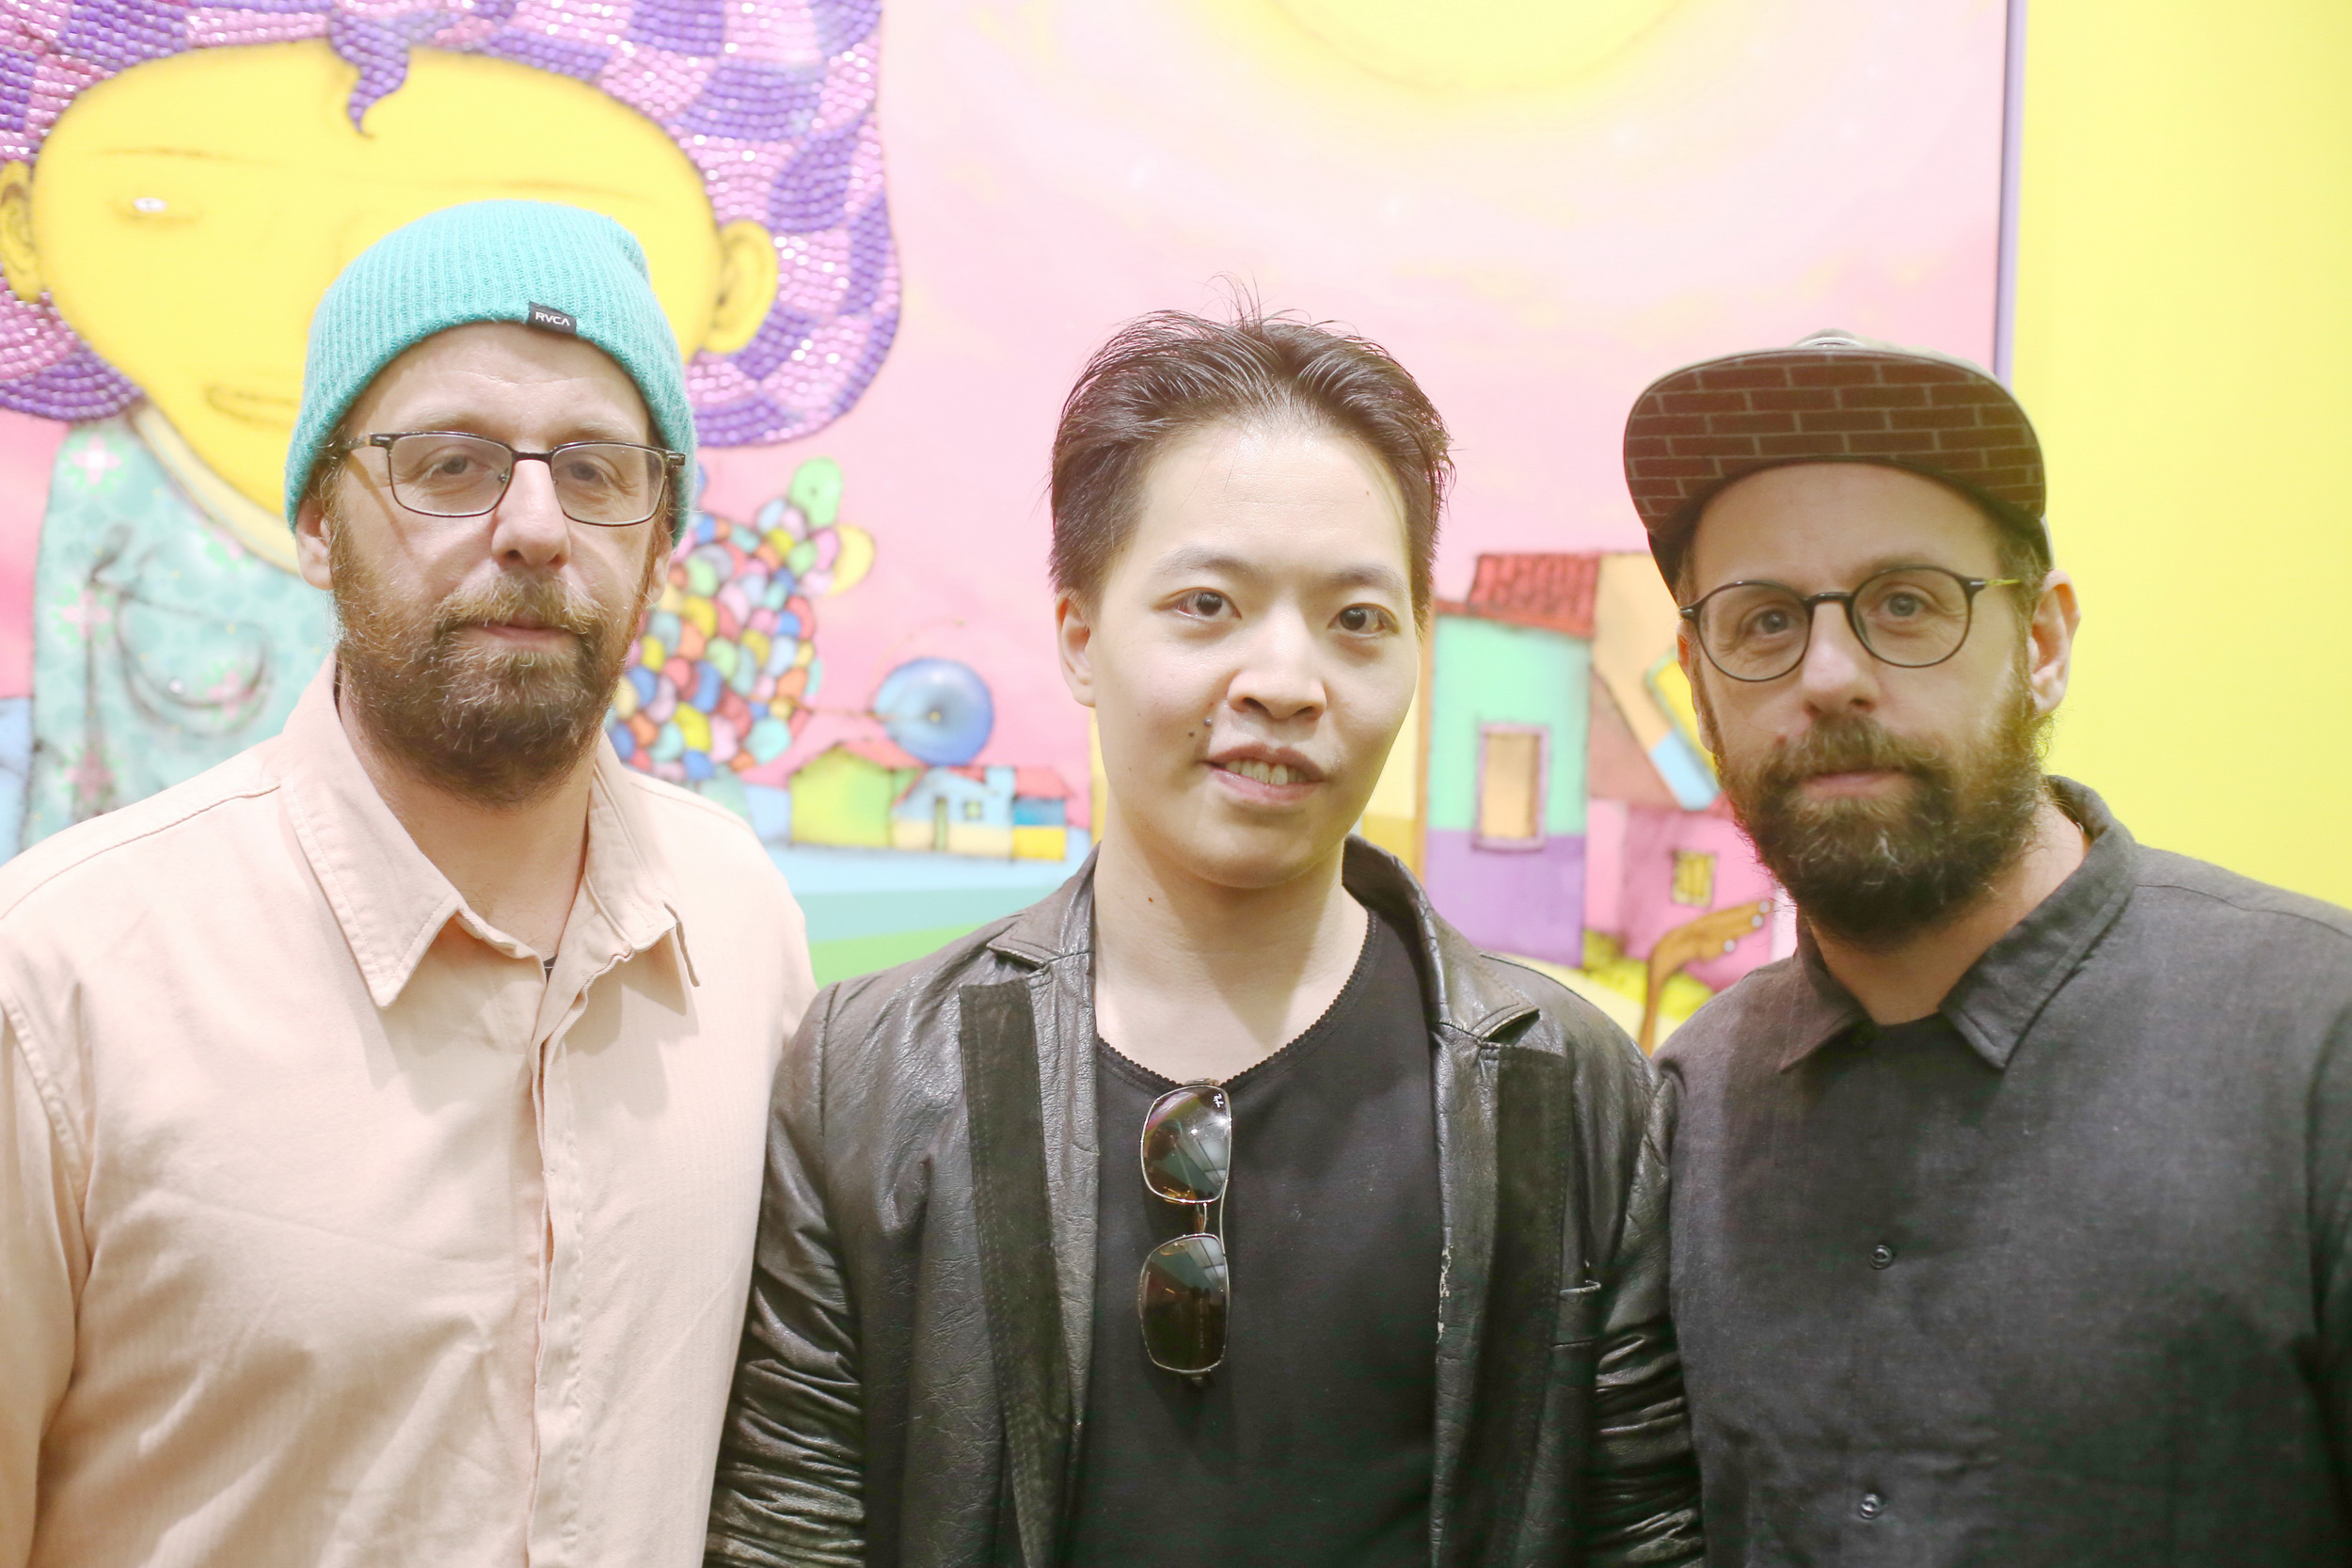 羅卓睿 Michael Andrew Law Cheuk Yui 與著名藝術家 OSGEMEOS Otavio Pandolfo and Gustavo Pandolfo